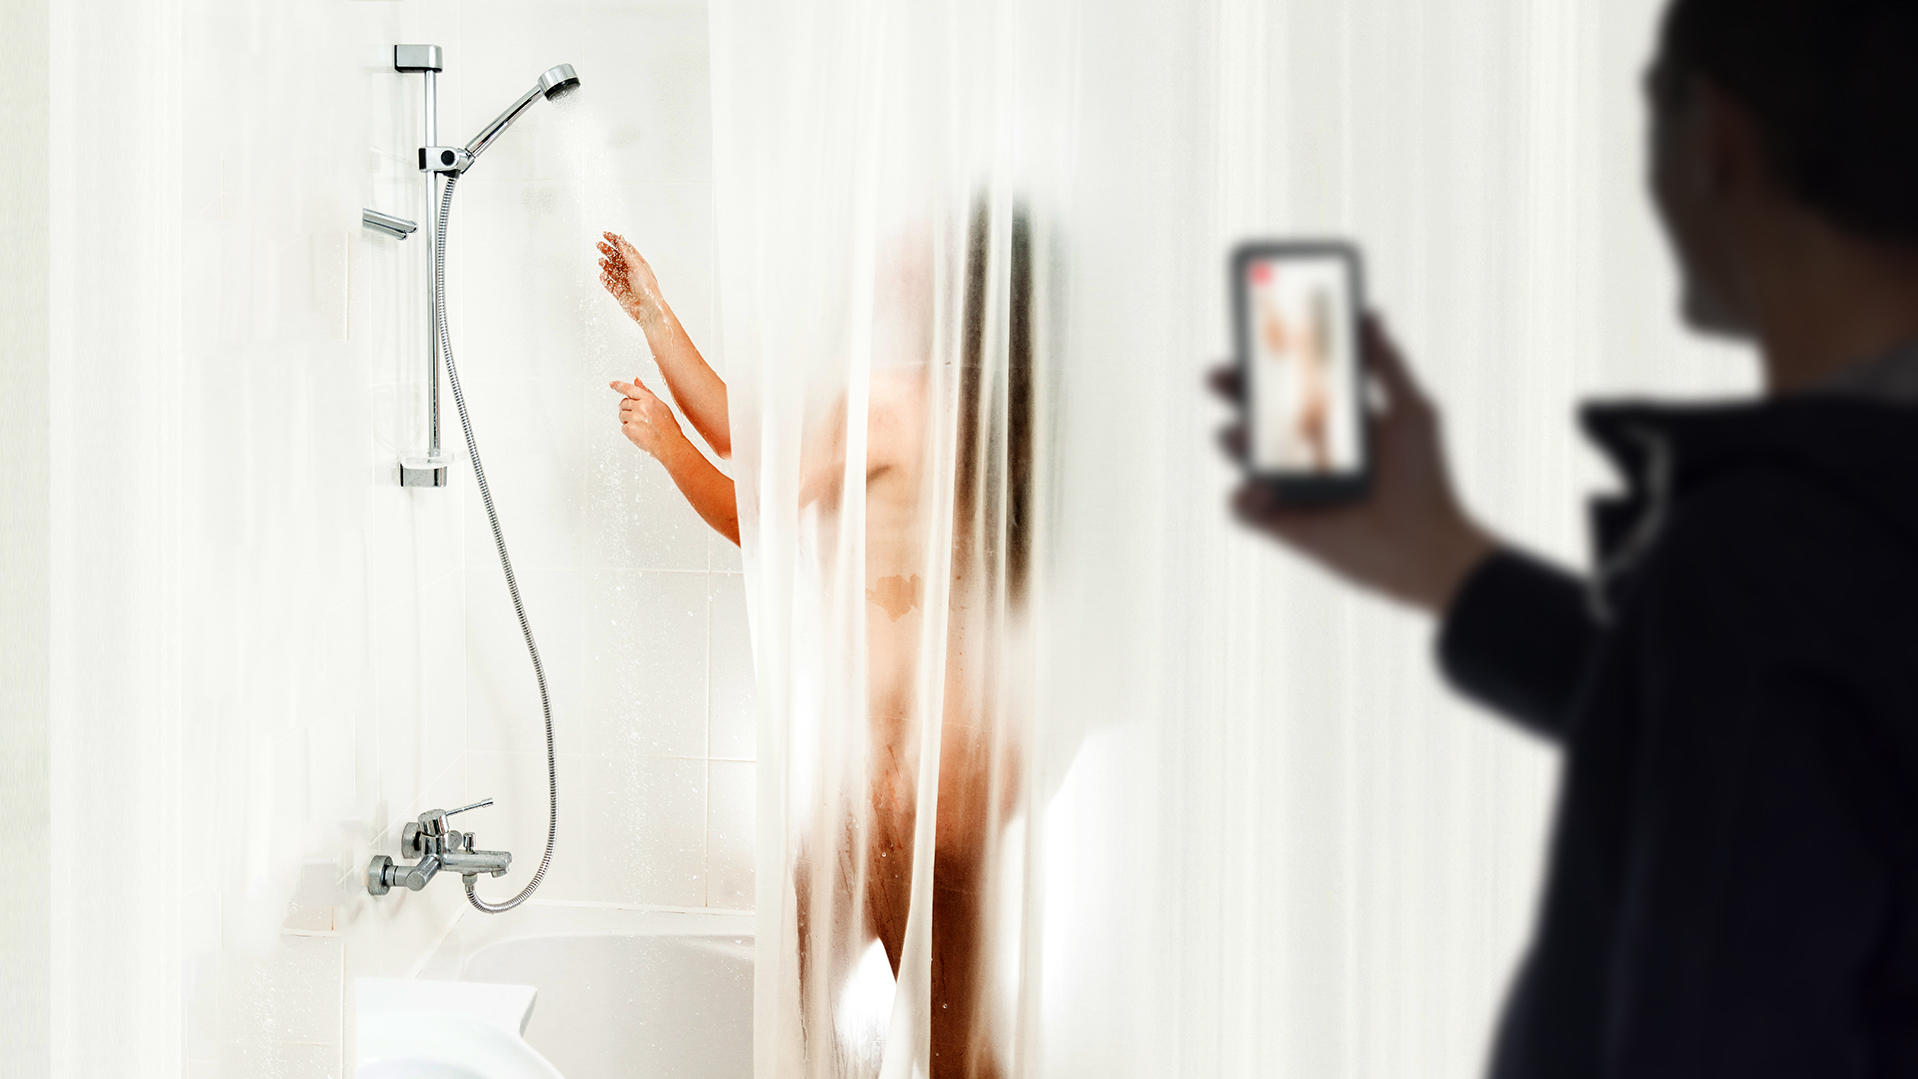 Wesseling: Spanner filmt Frau beim Duschen, sie nimmt ihm das Handy weg - RTL Online